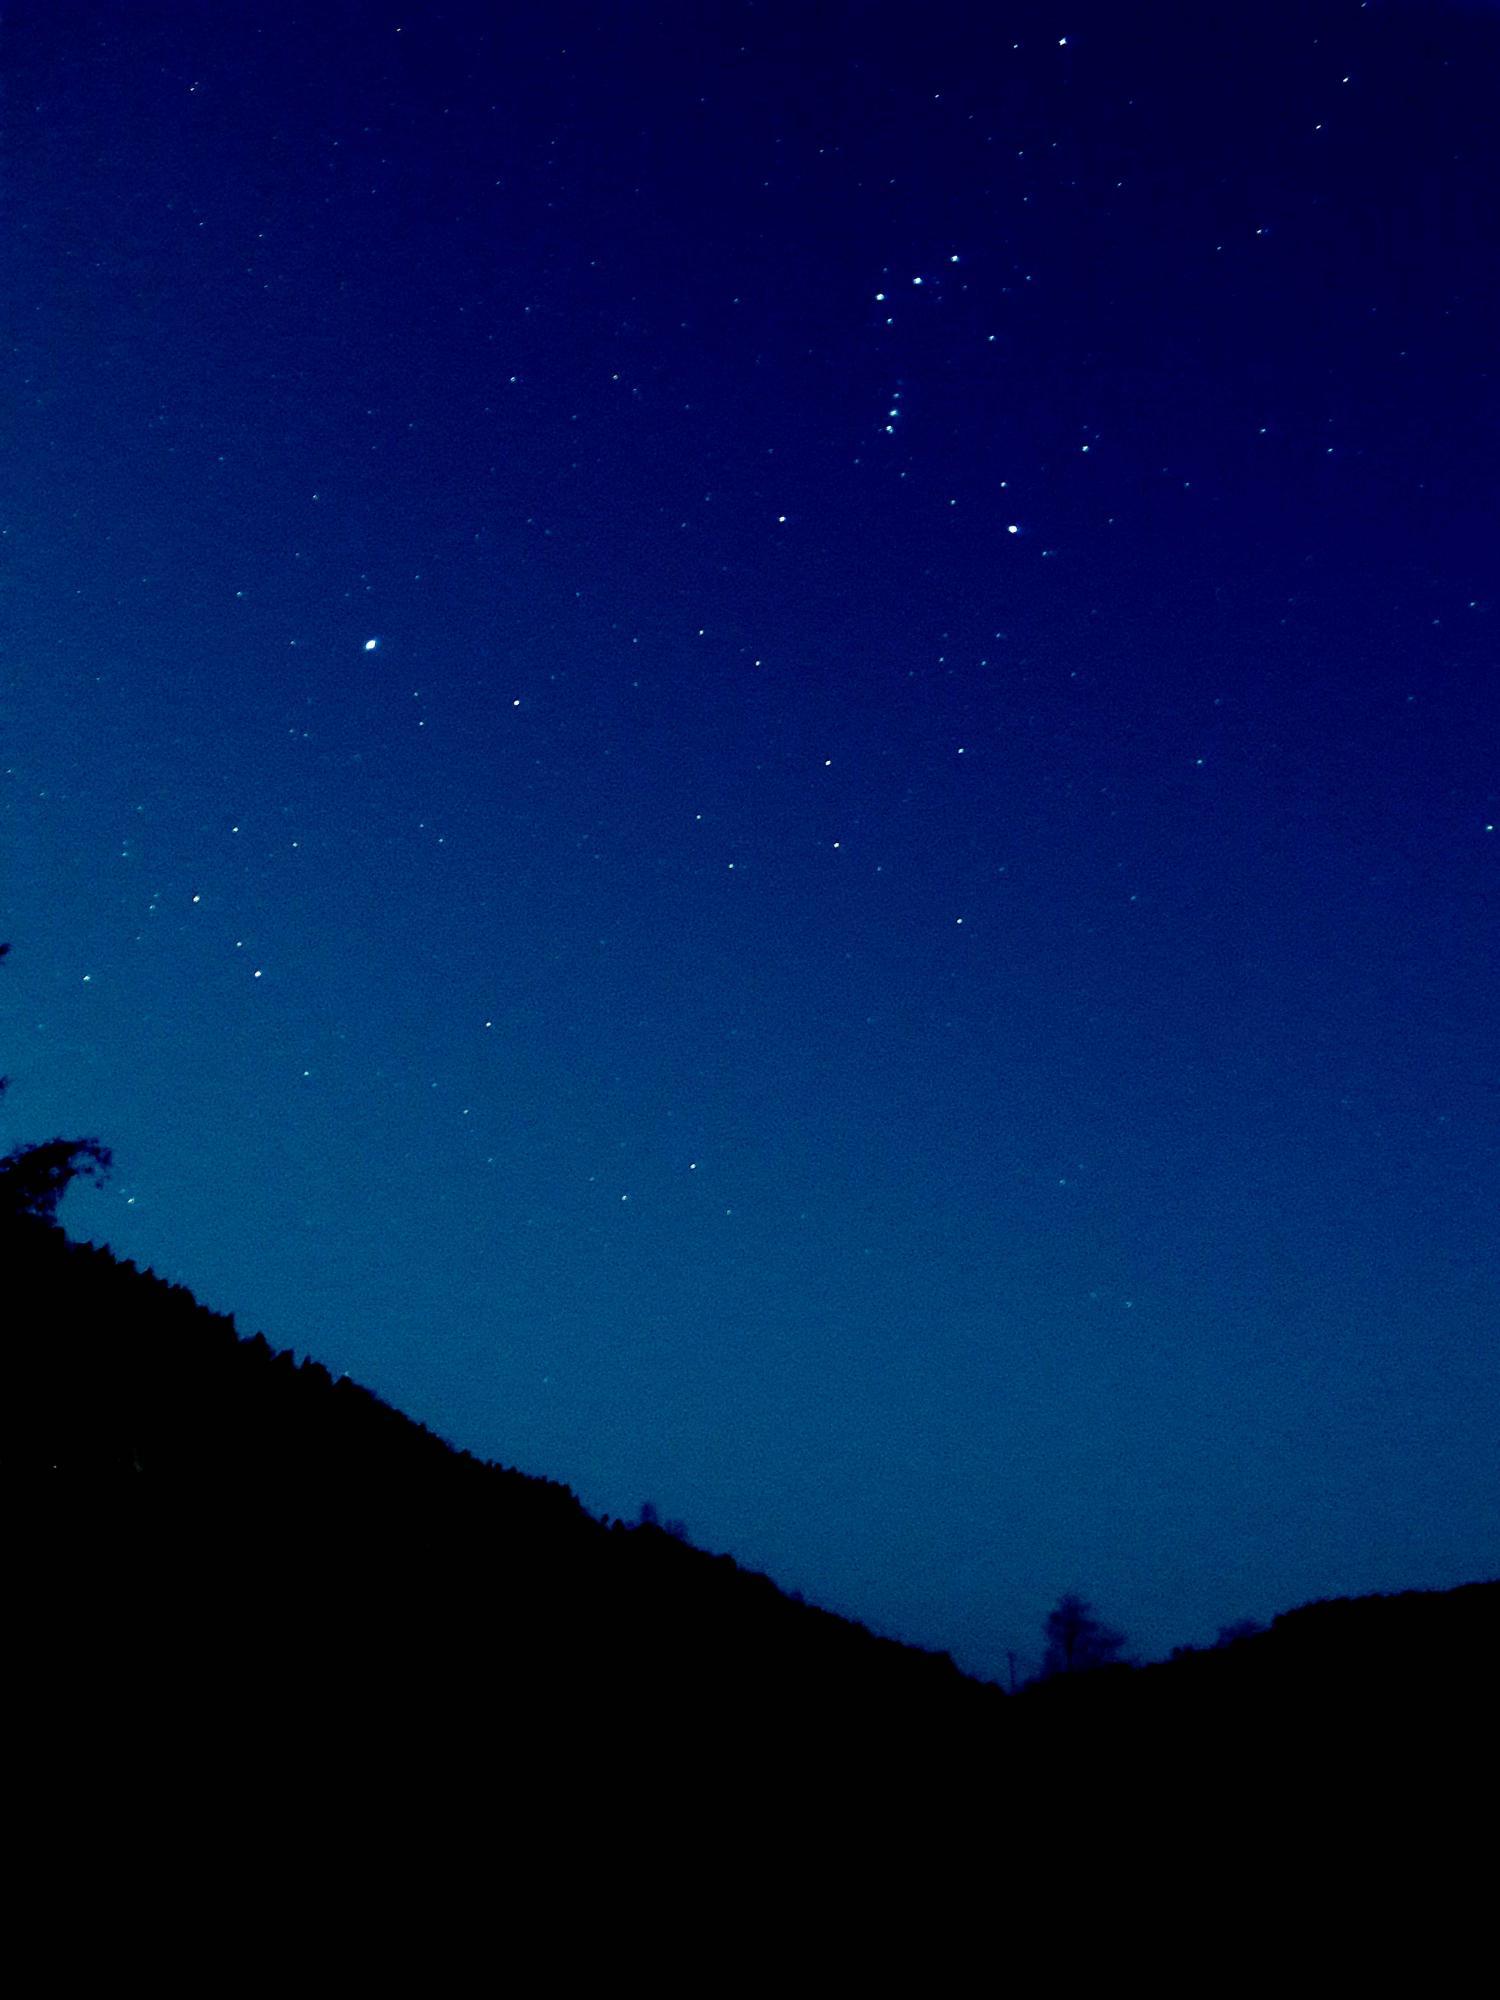 星空竖屏风景图片